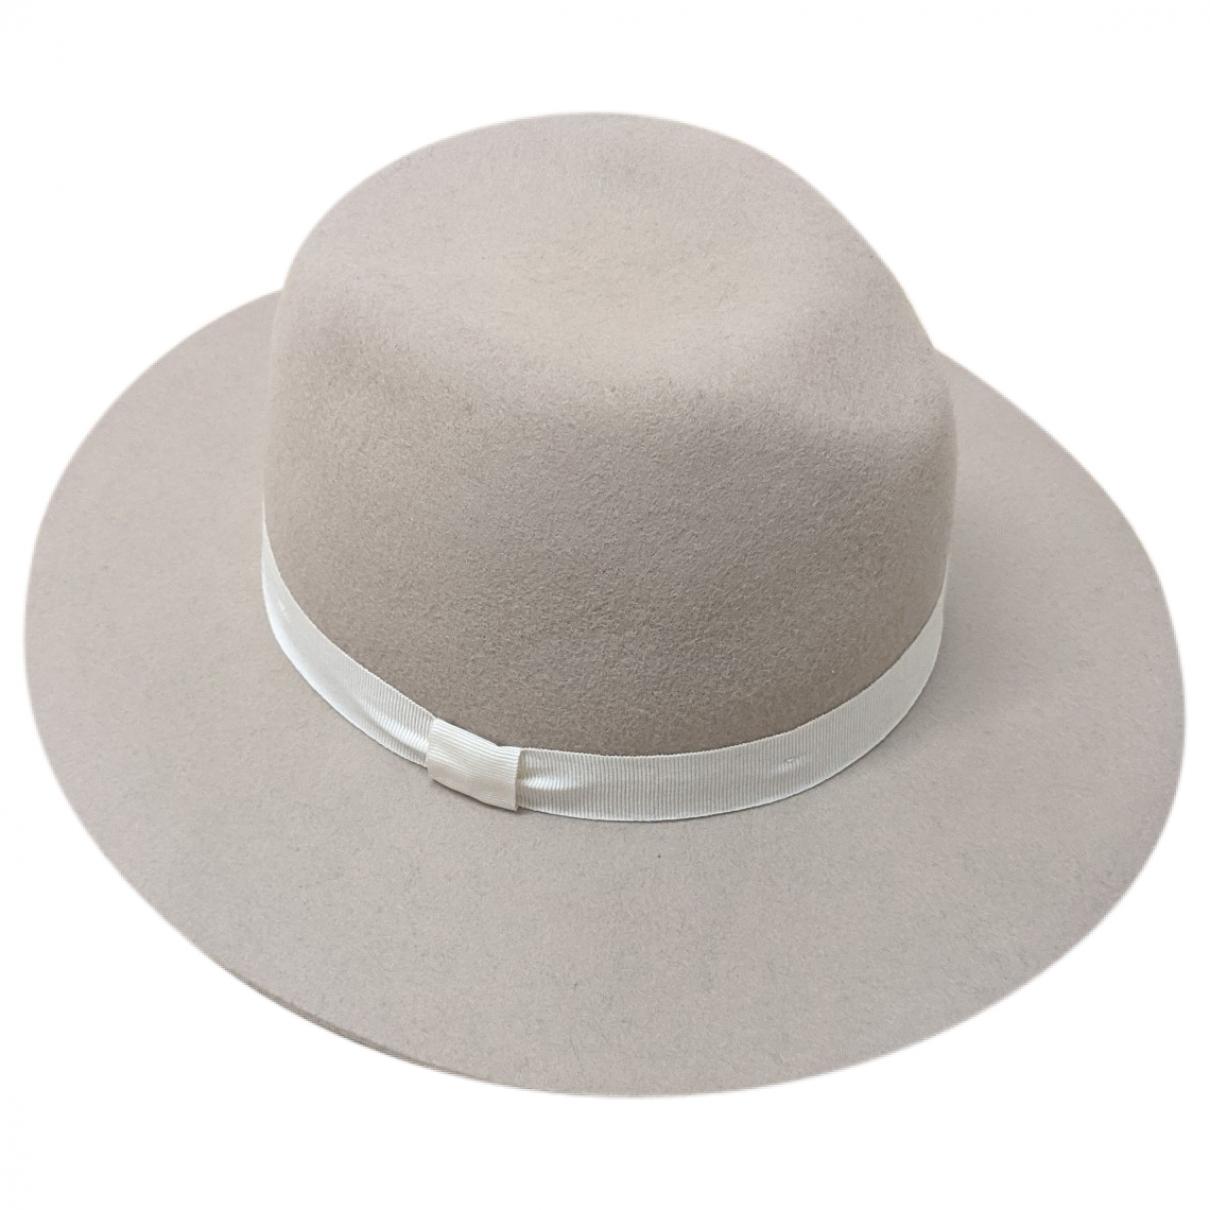 Club Monaco \N Grey Wool hat for Women M International